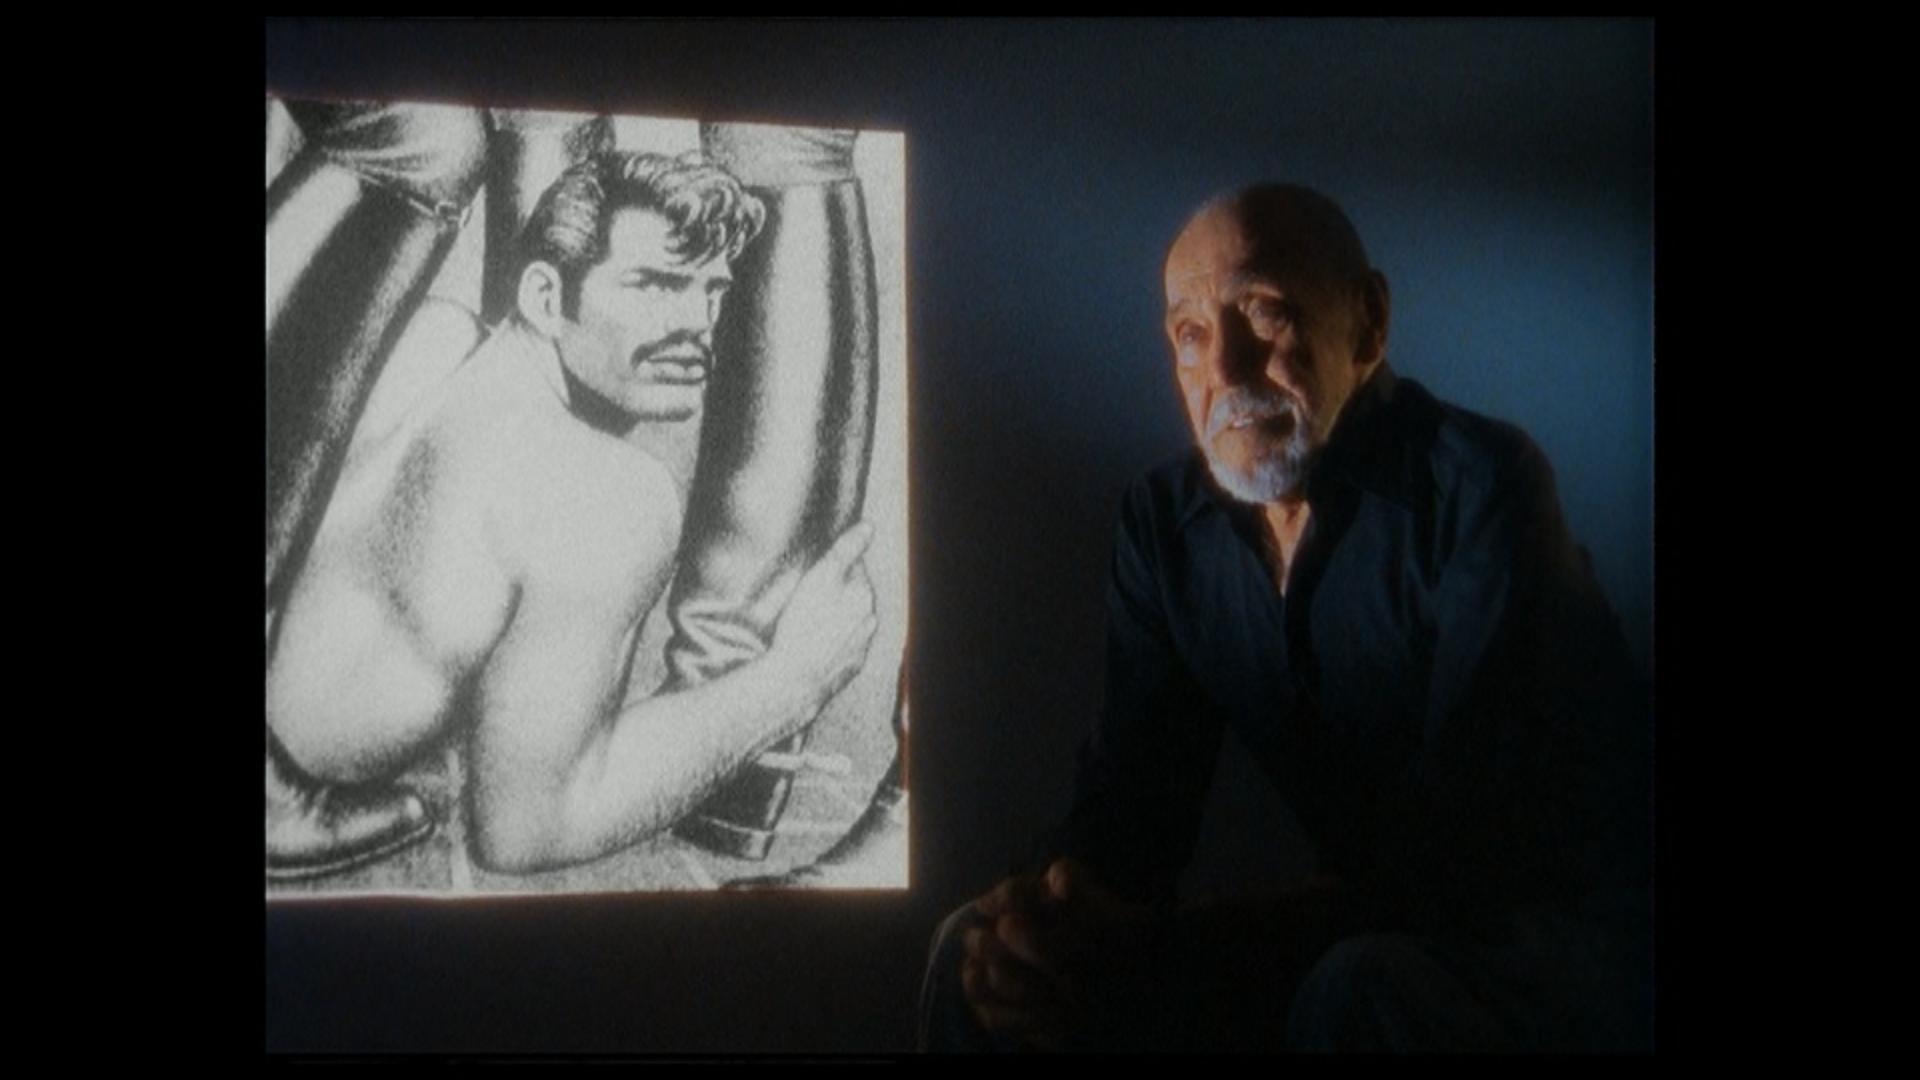 Kuvakaappaus dokumentista Tom of Finland Daddy and the muscle academy: Touko Laaksonen taustallaan piirtämän kuva miehestä nahkasaappaiden keskellä